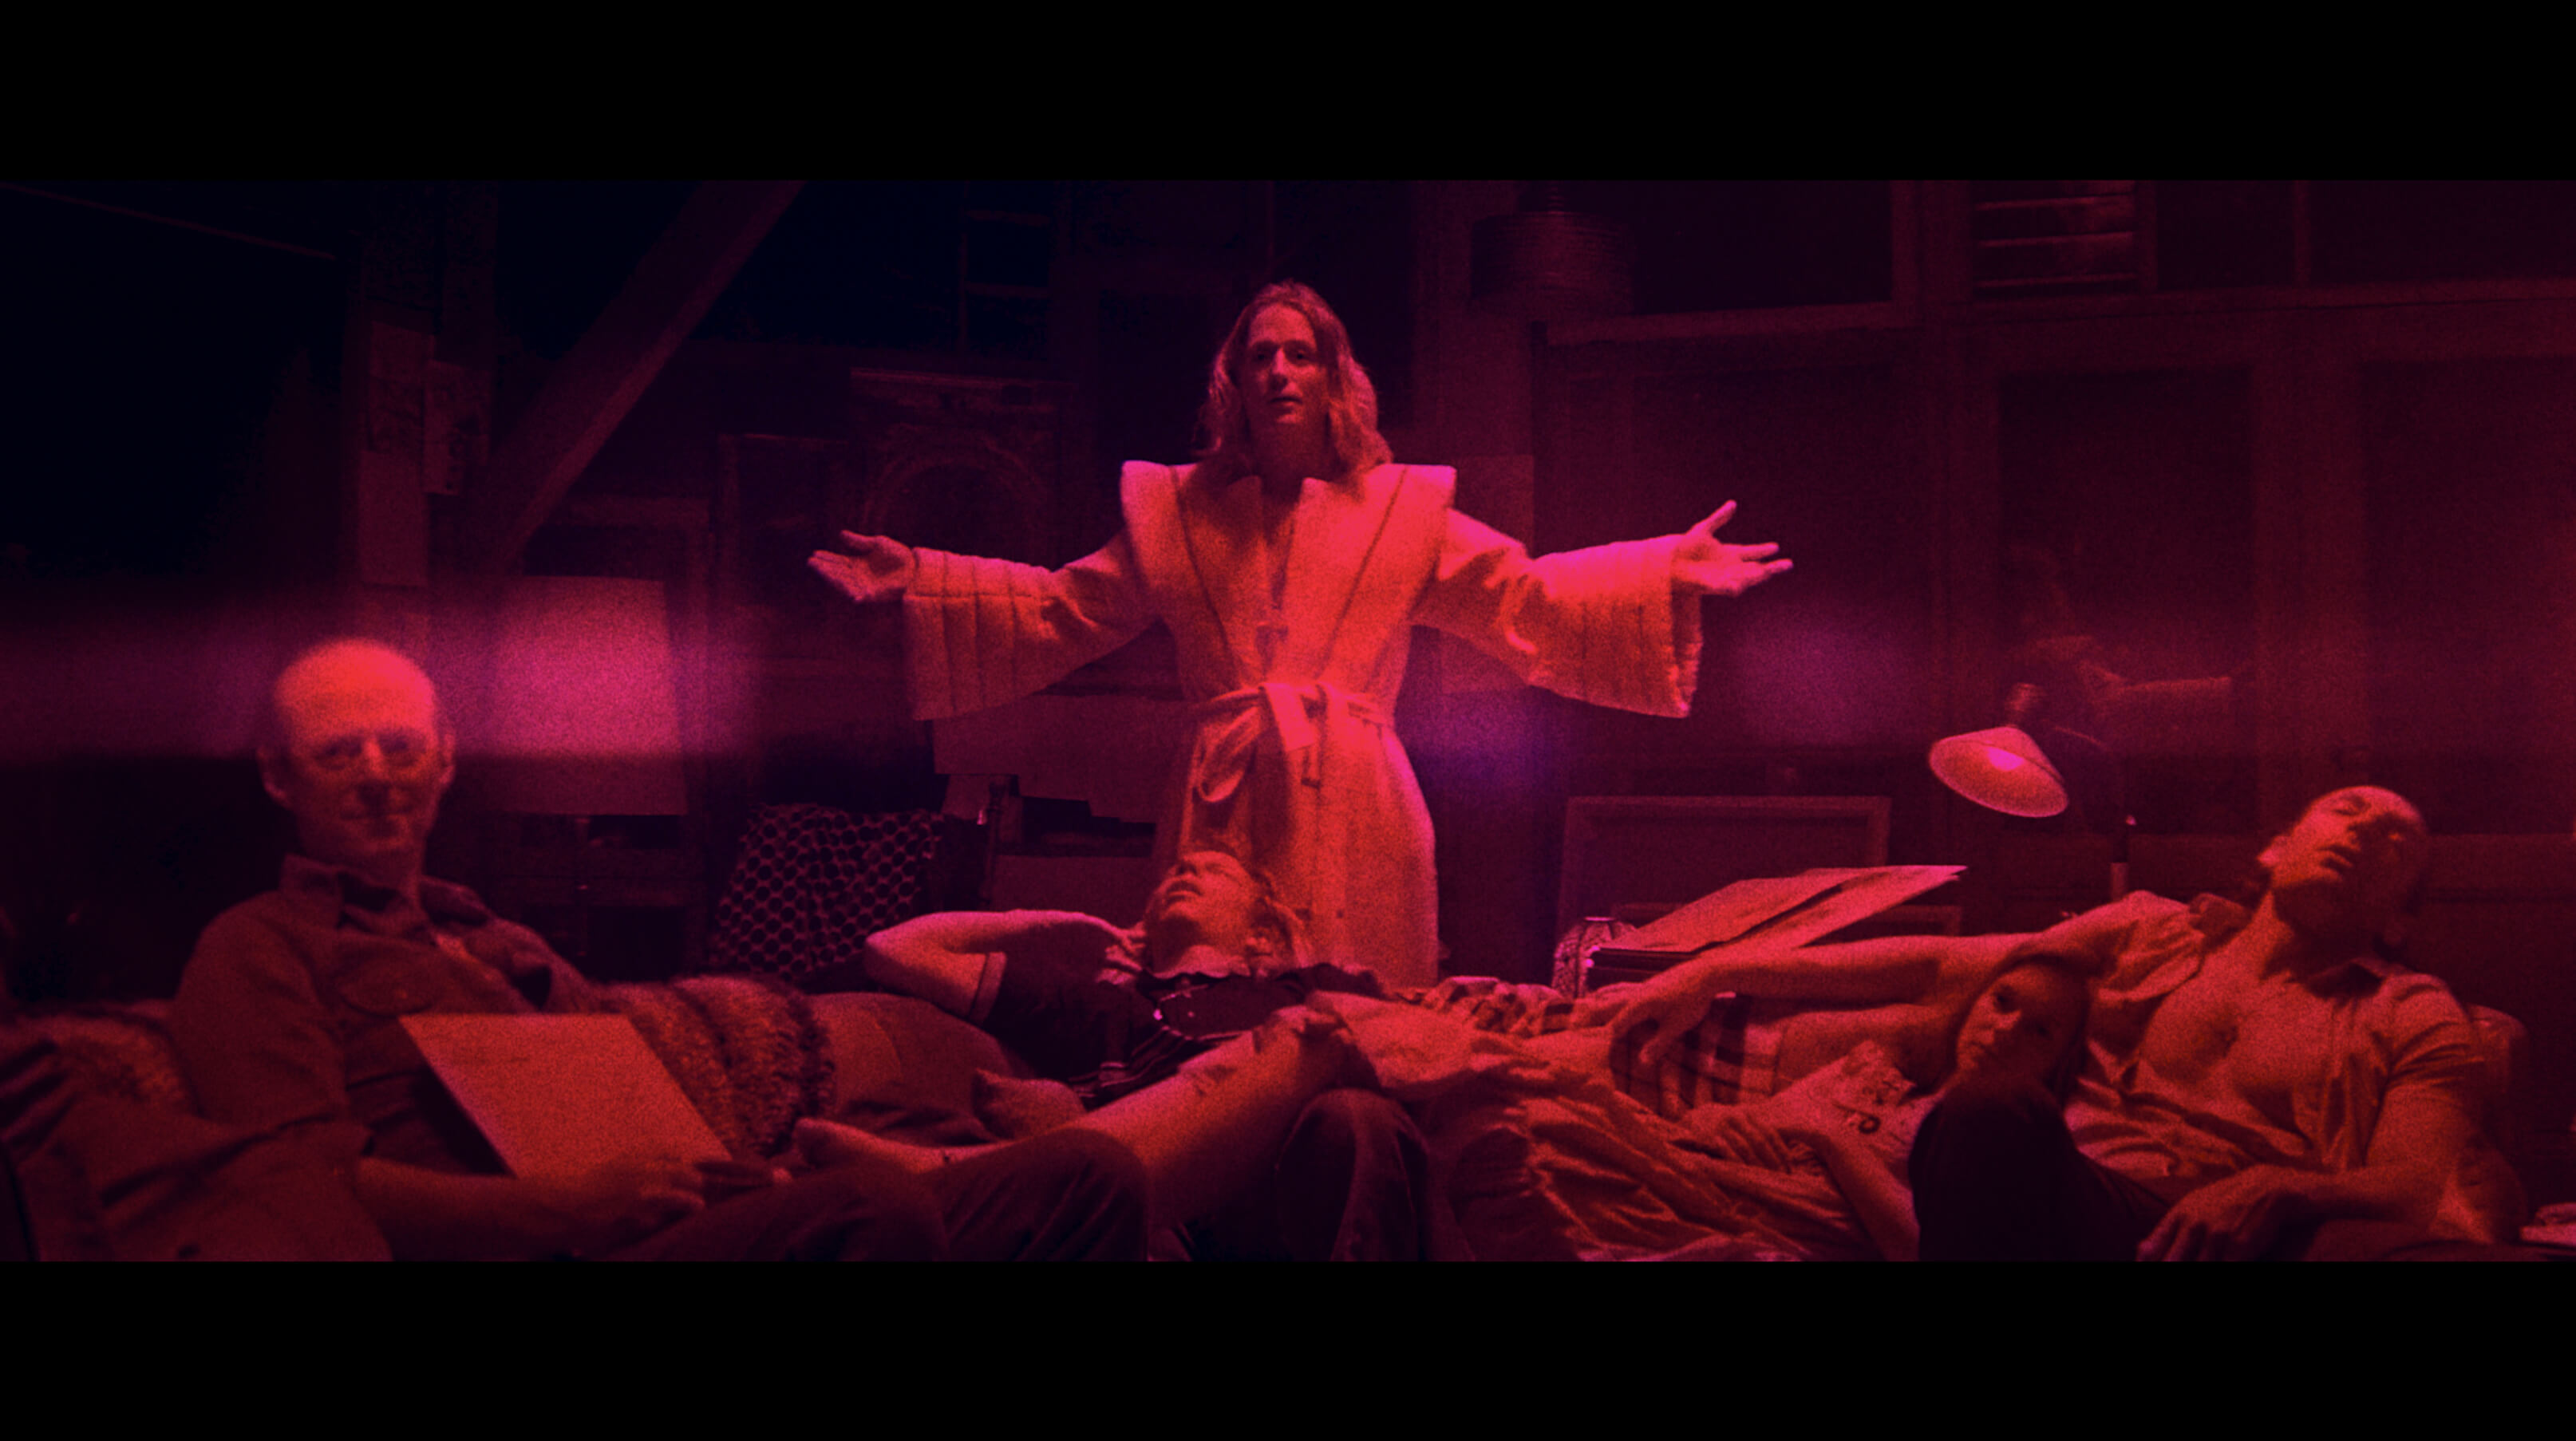 《曼蒂》描述為了救出被邪教擄走的妻子,尼可拉斯凱吉大殺四方的故事。